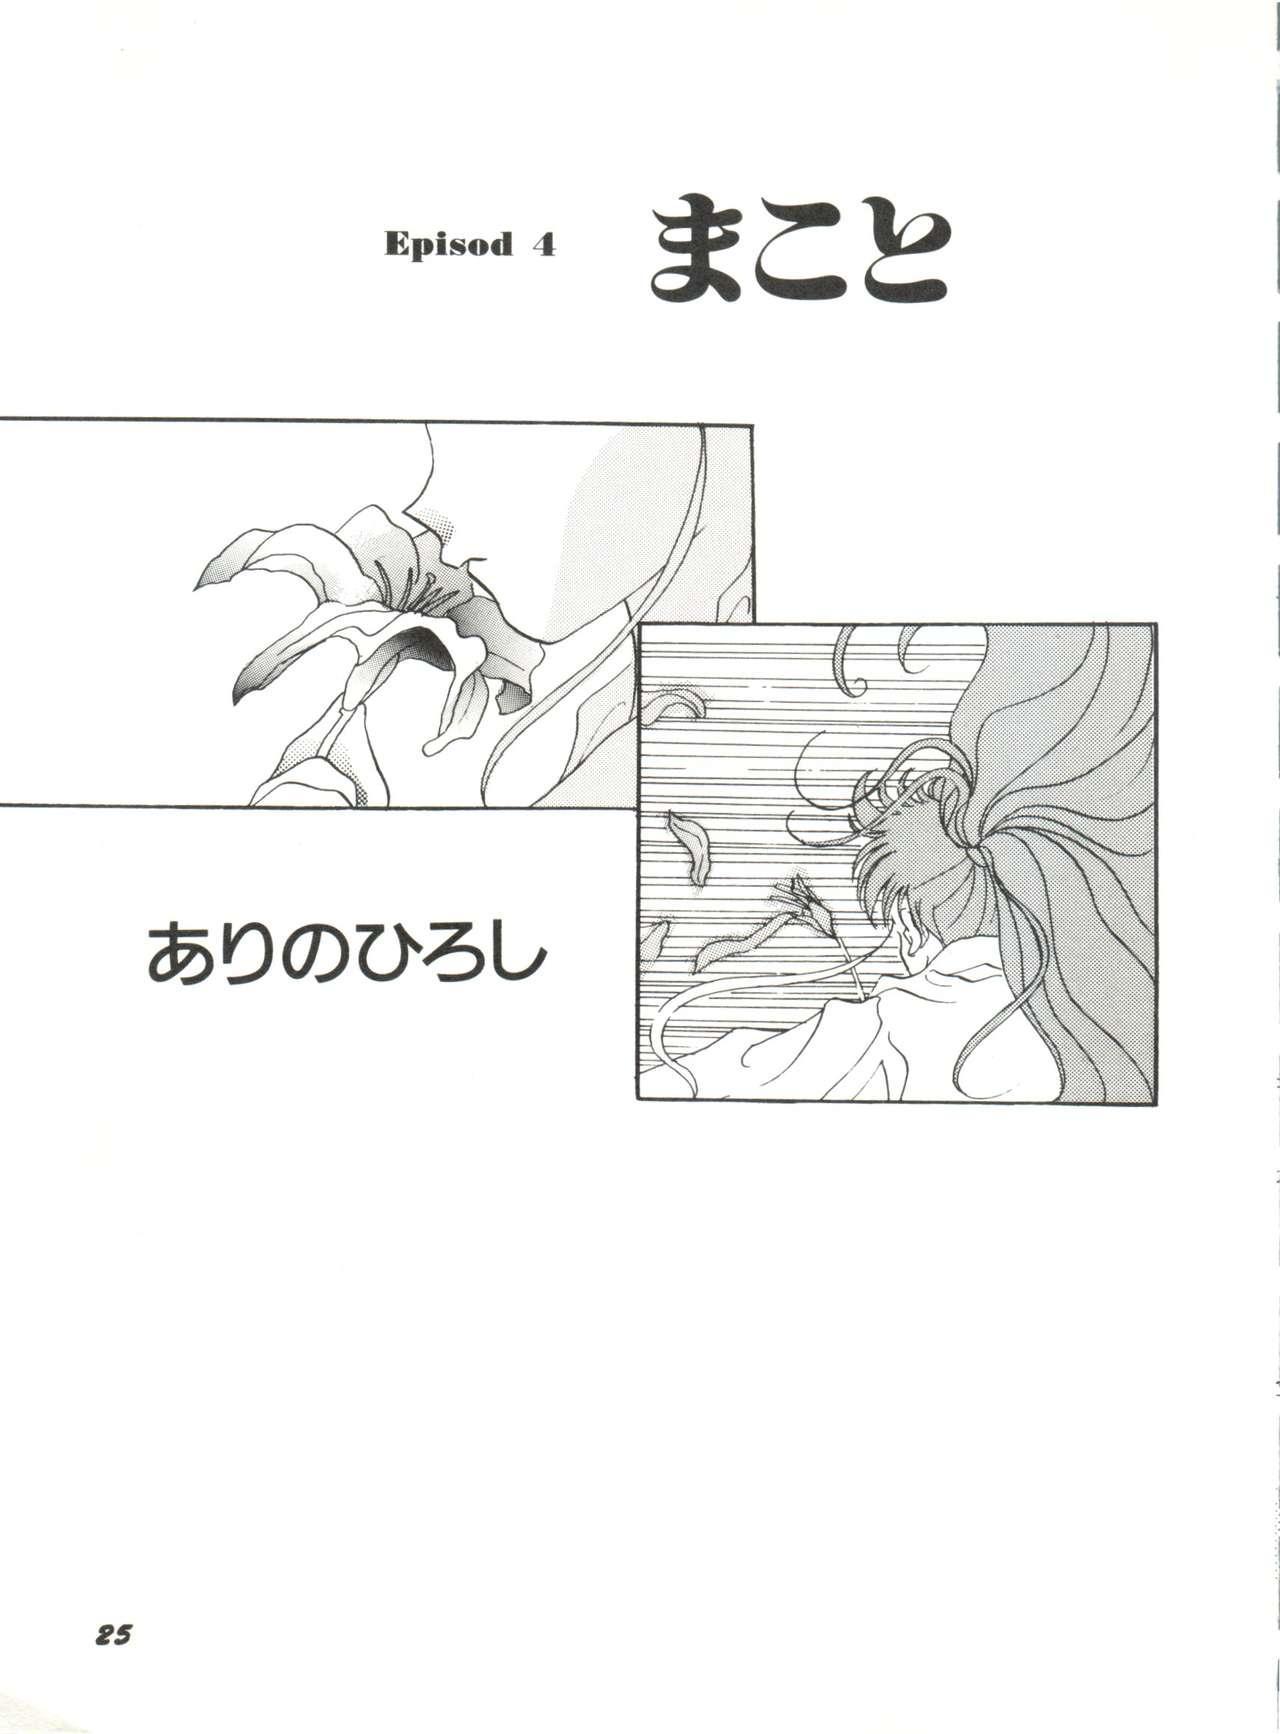 Bishoujo Doujinshi Anthology 12 - Moon Paradise 7 Tsuki no Rakuen 29